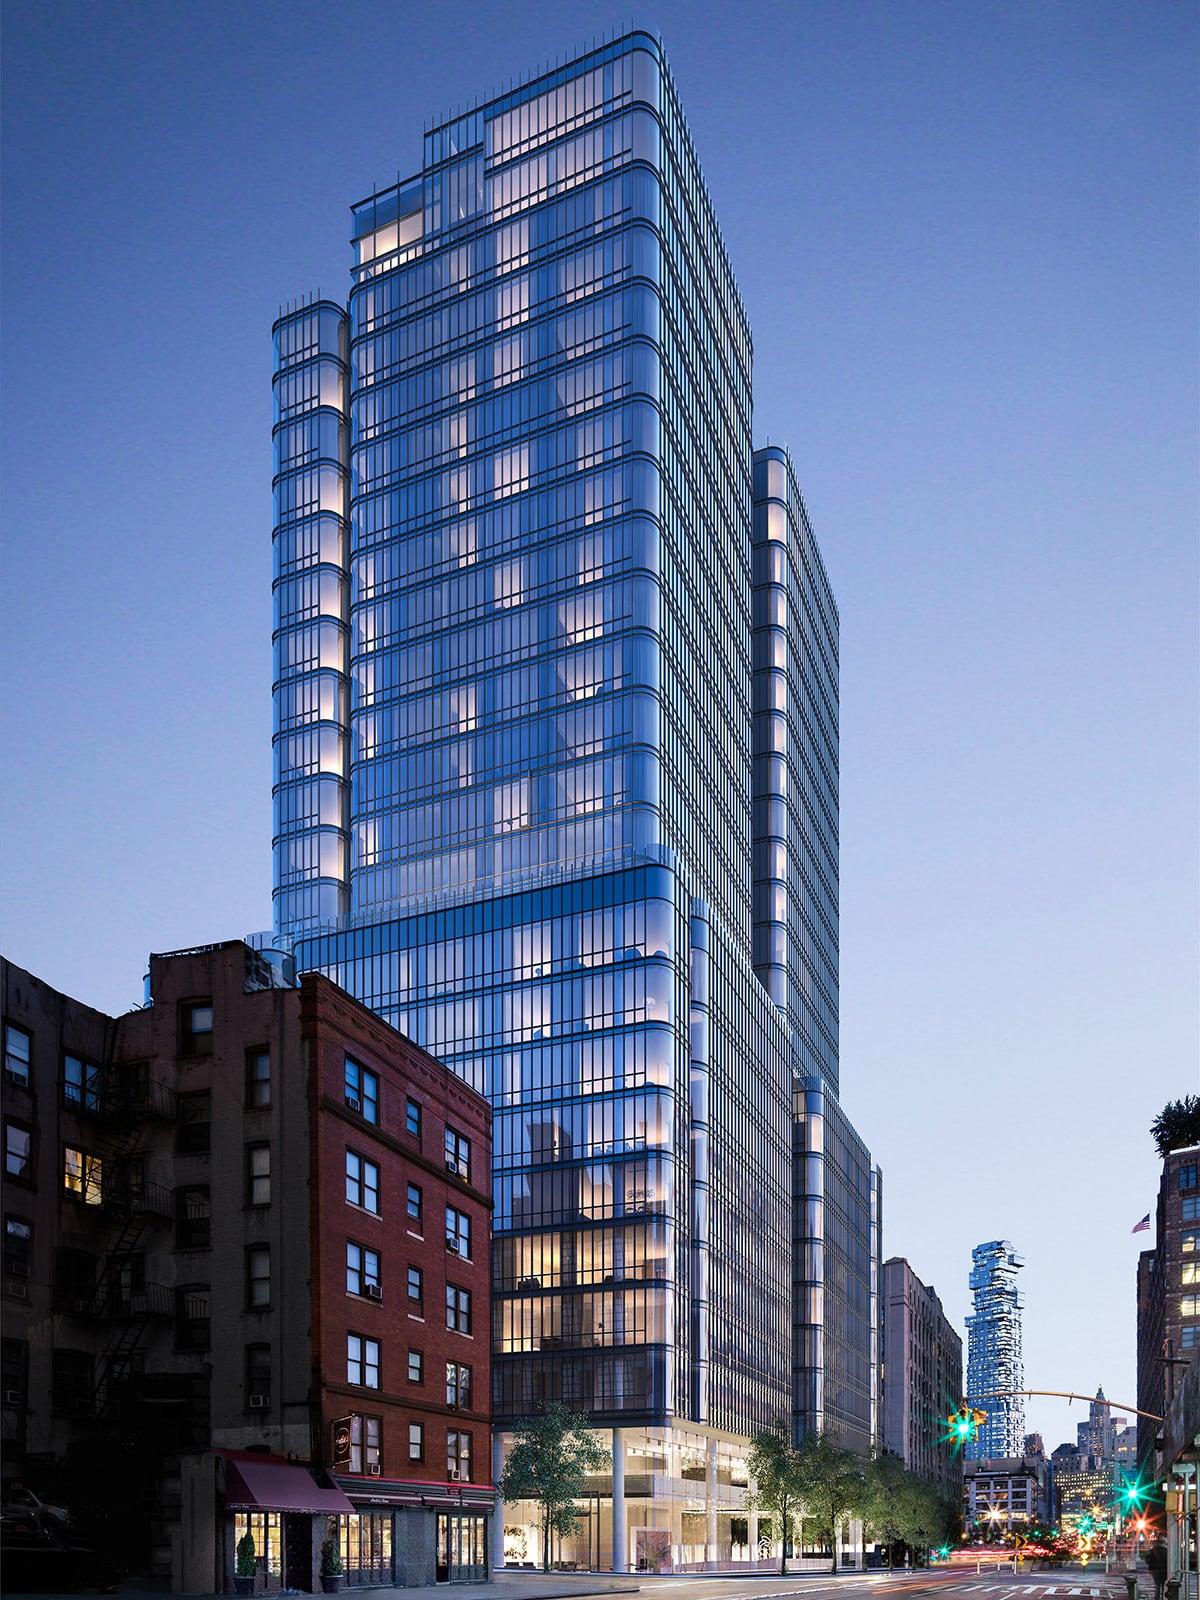 Luxe Digital luxury condo New York 565 Broome SoHo exterior